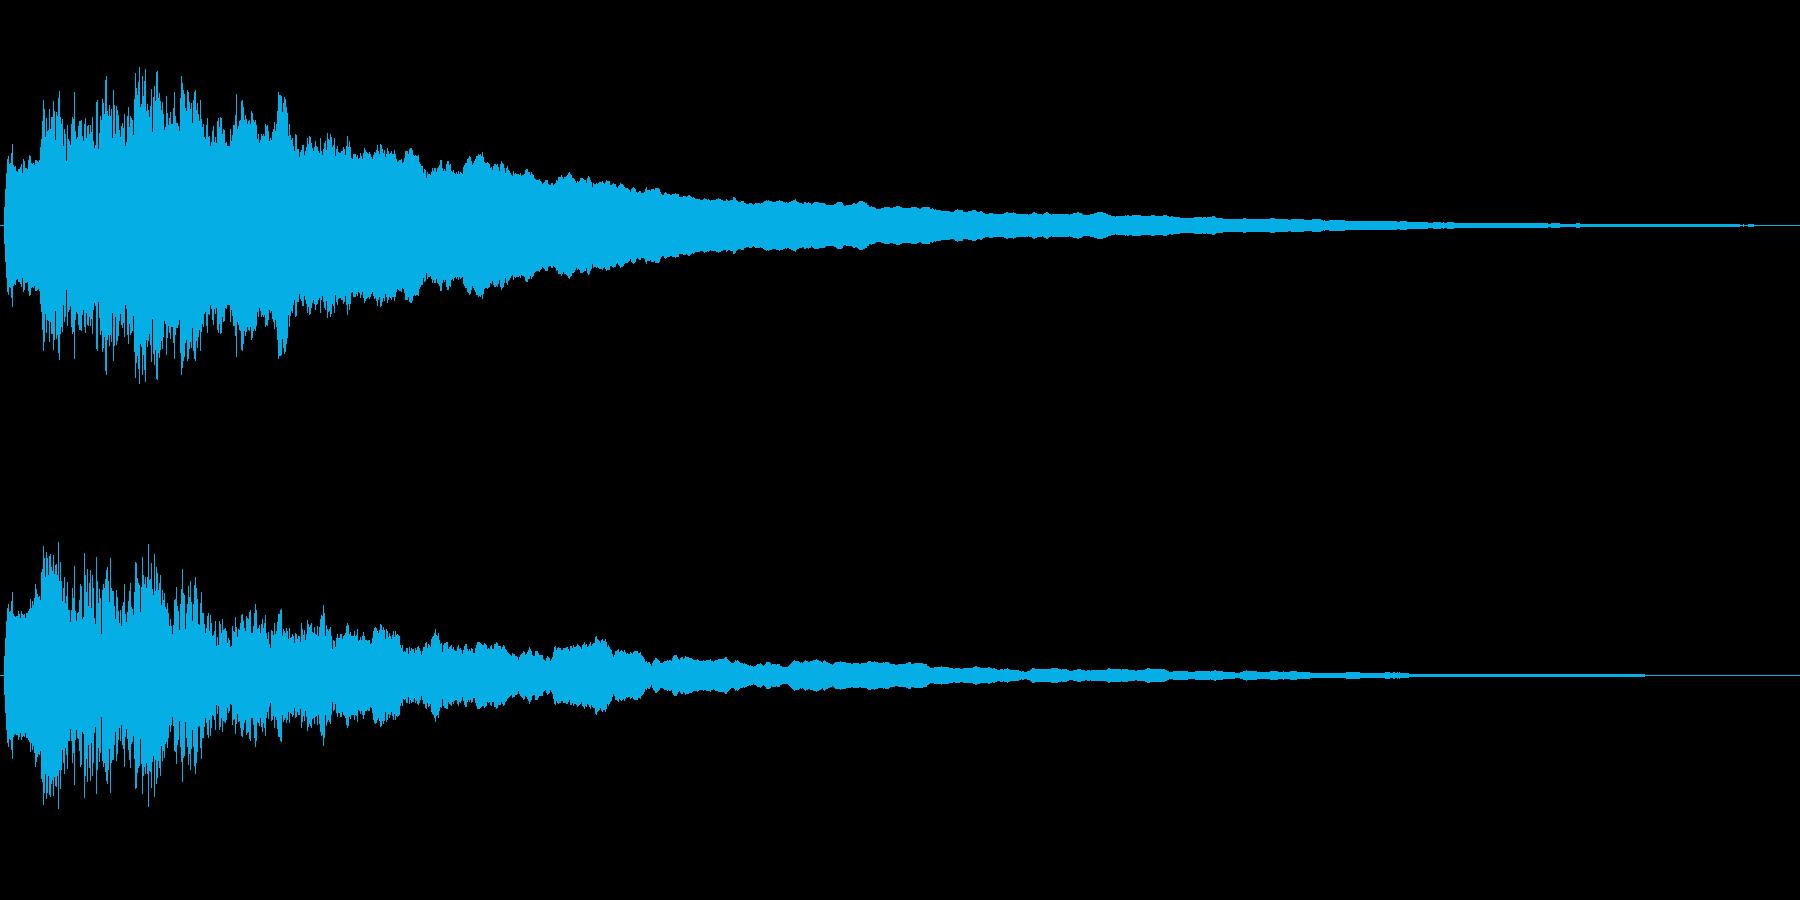 ジングル102aの再生済みの波形